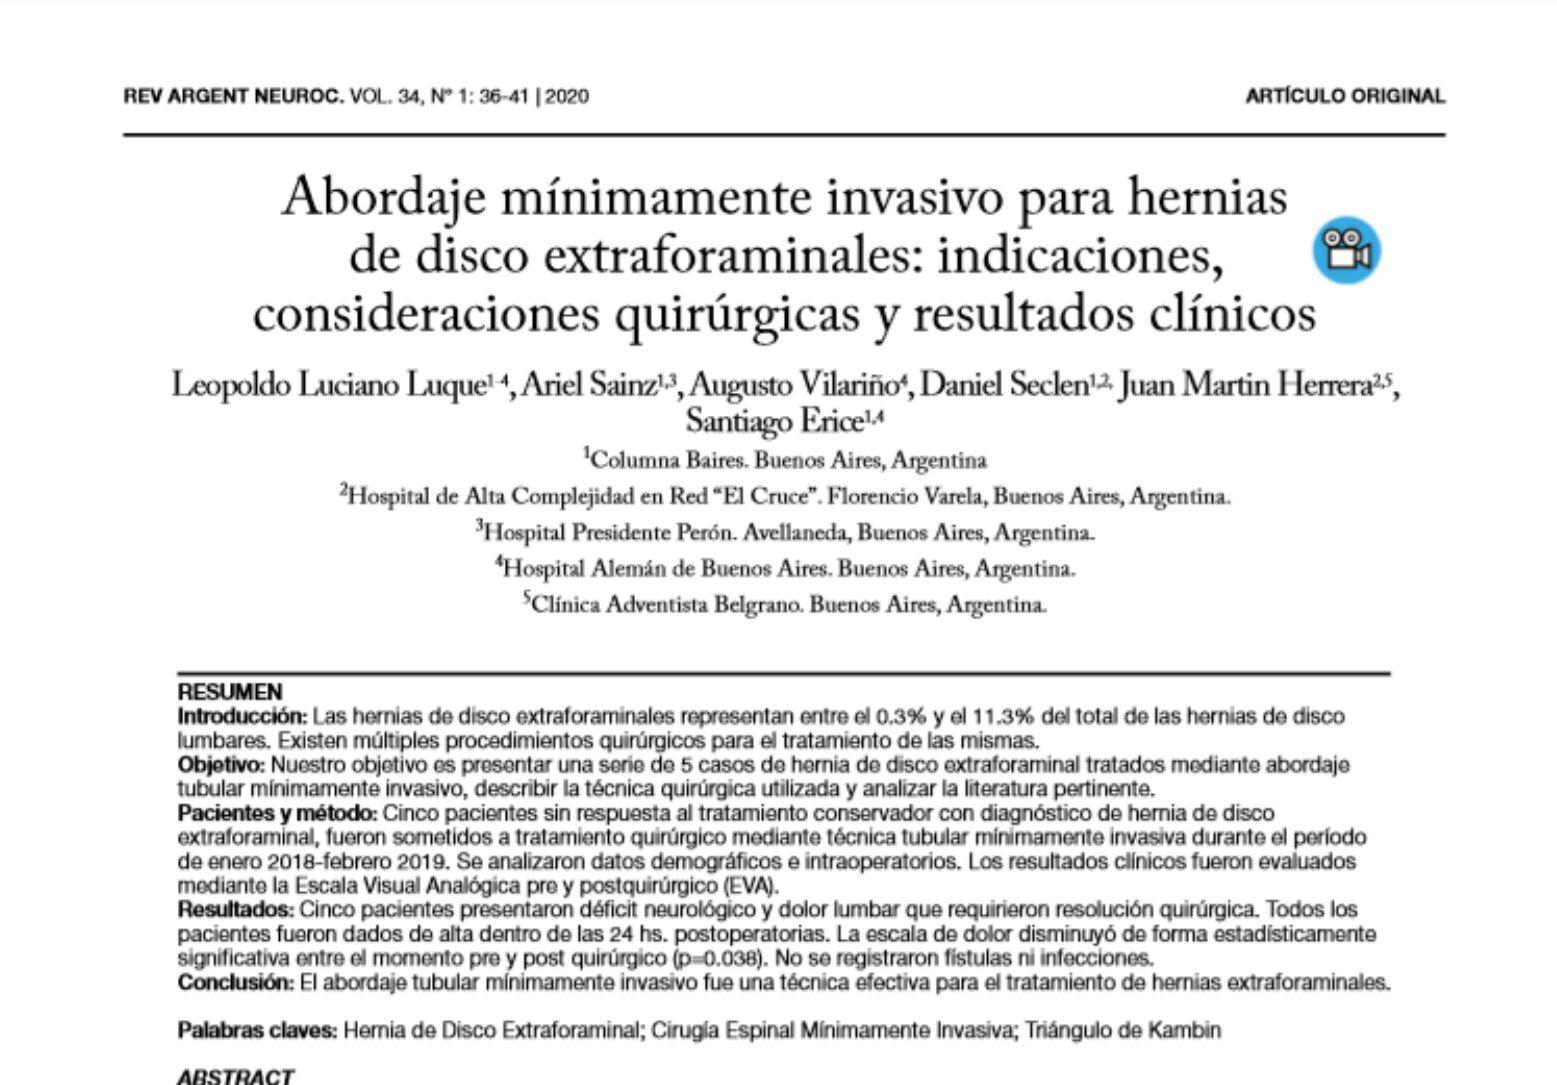 abordaje minimamente invasivo para hernias